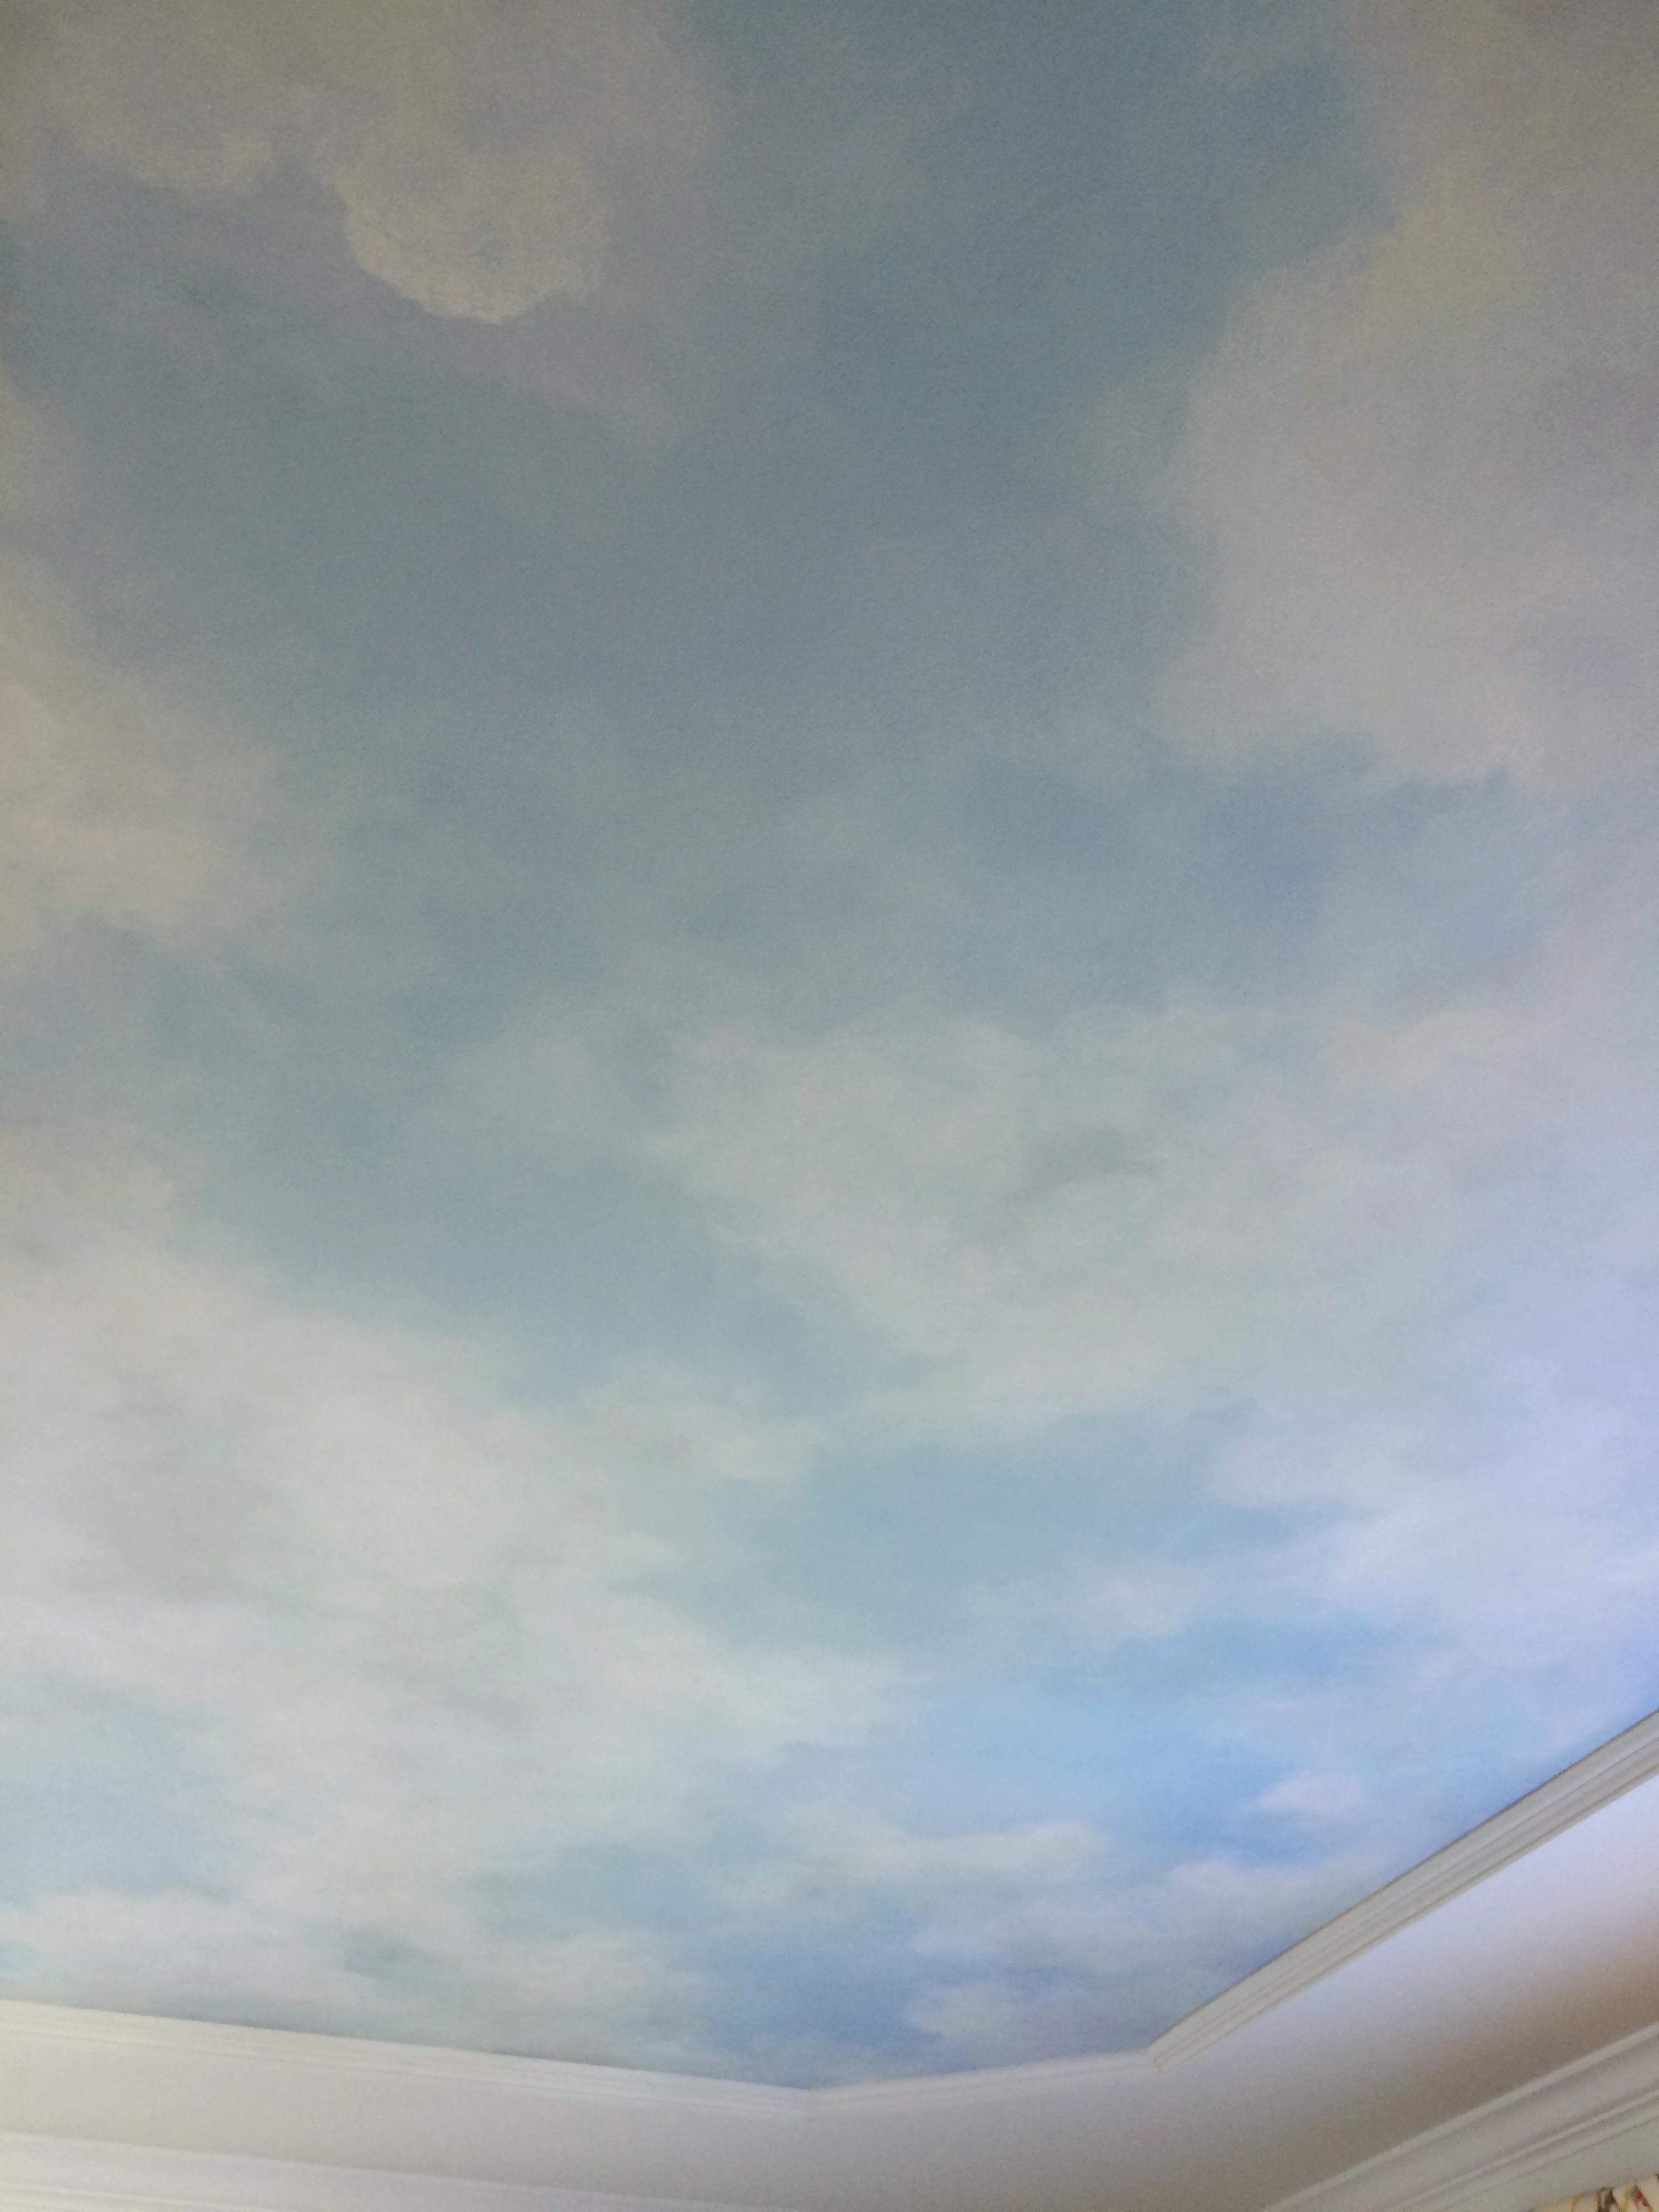 cloud ceiling.jpg